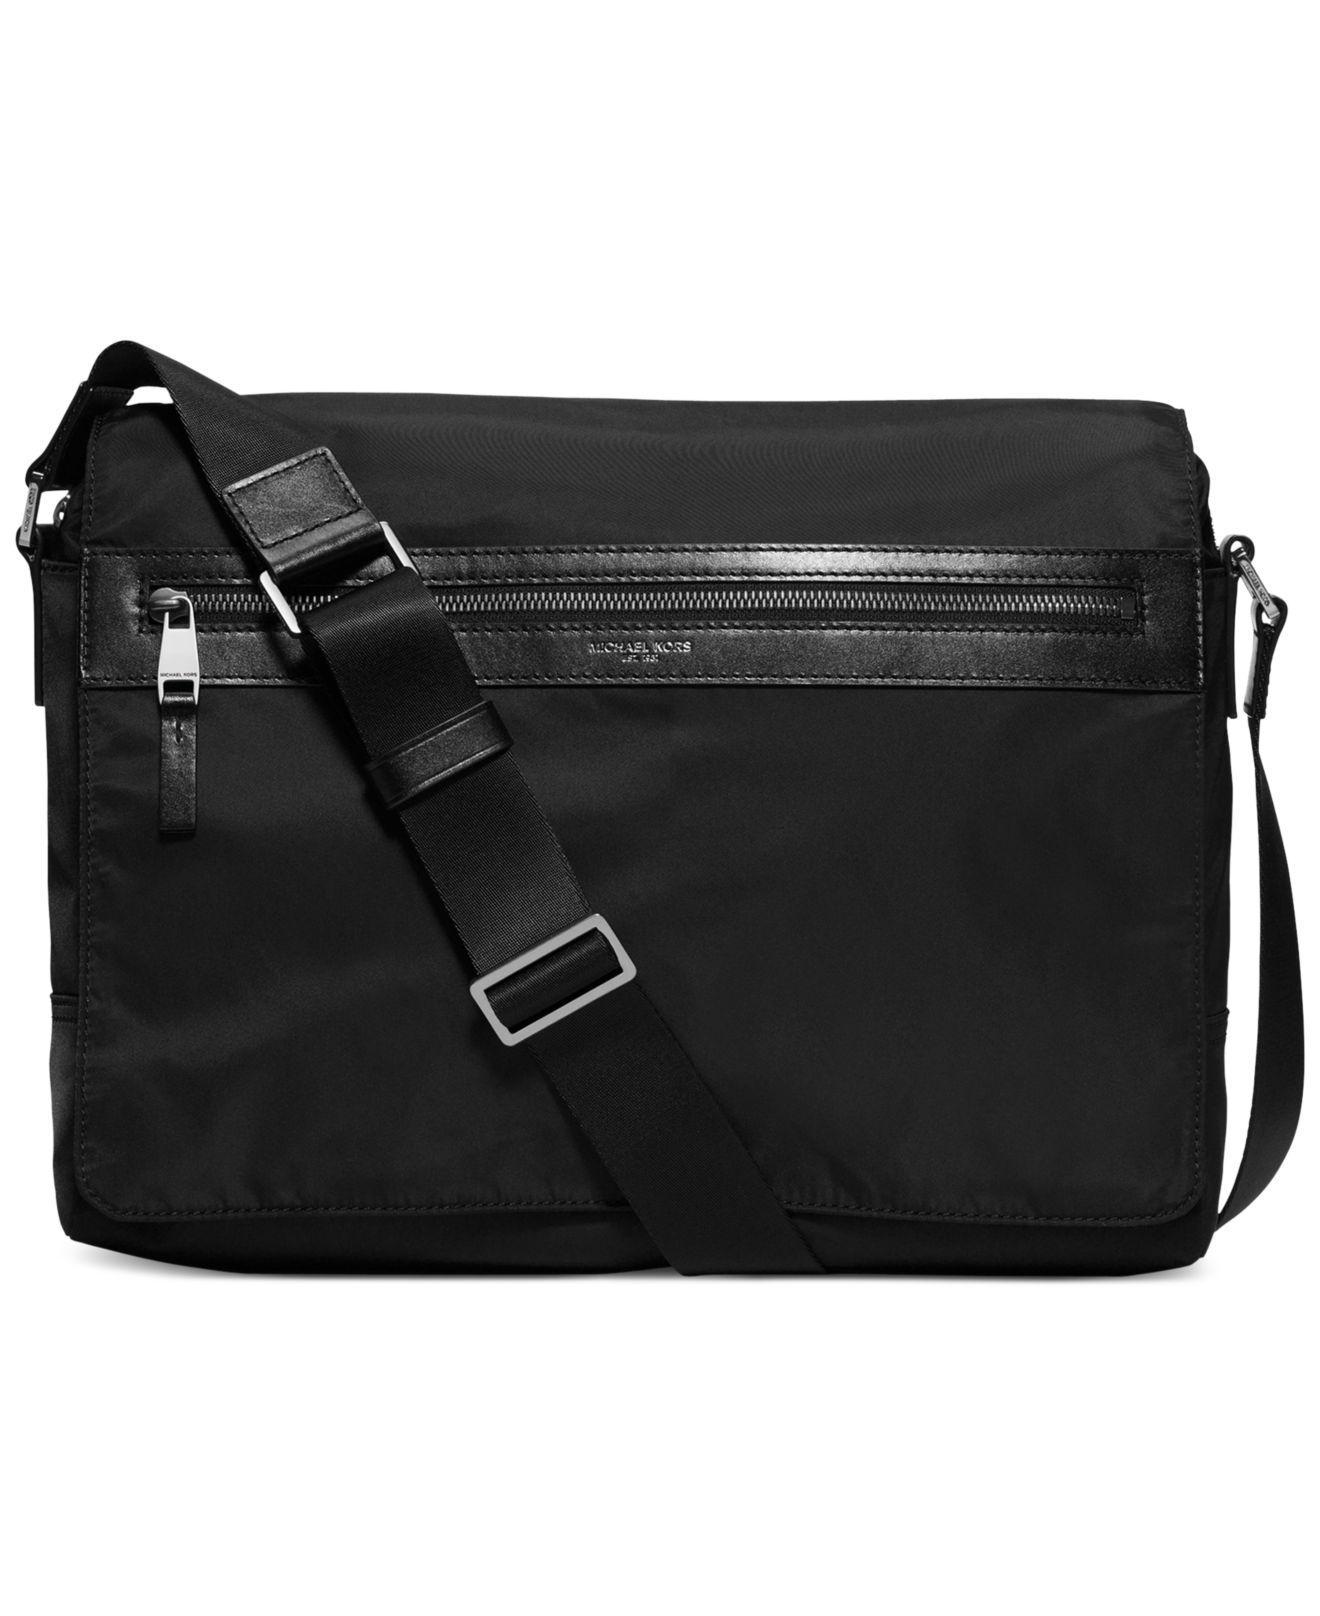 5322014a6d17 Michael Kors Kent Large Messenger in Black for Men - Save 7% - Lyst